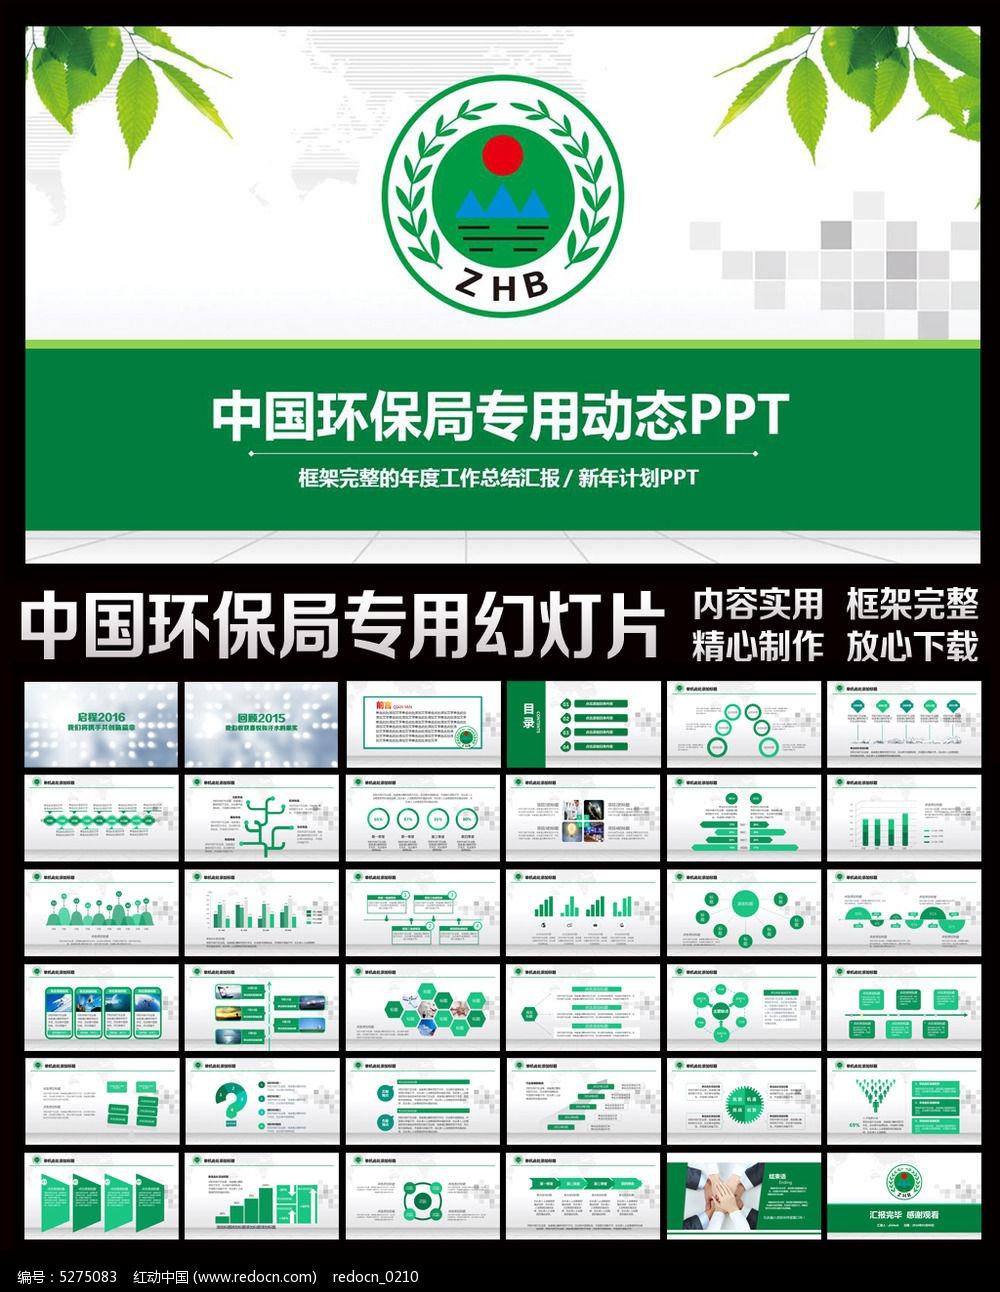 绿色清新公益中国环保局环境保护中心PPT图片